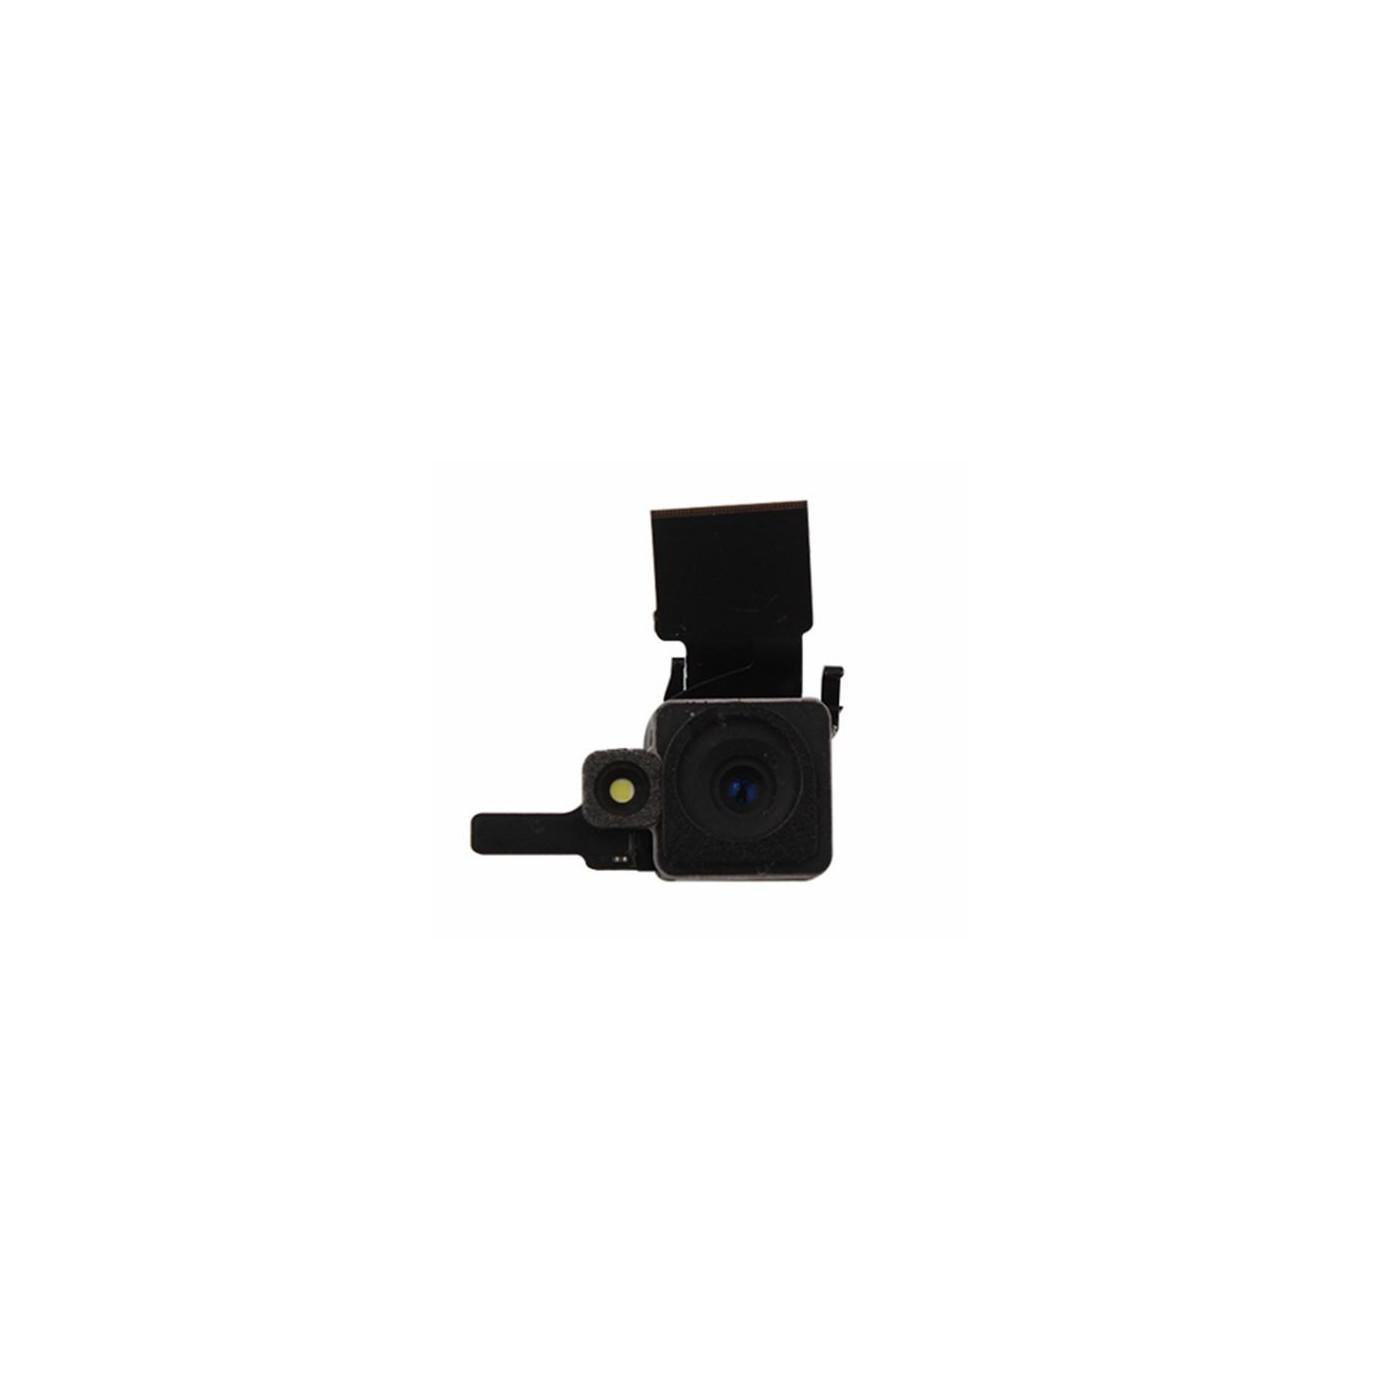 Modulo camera posteriore retro 5 mpx fotocamera per iphone 4 4g